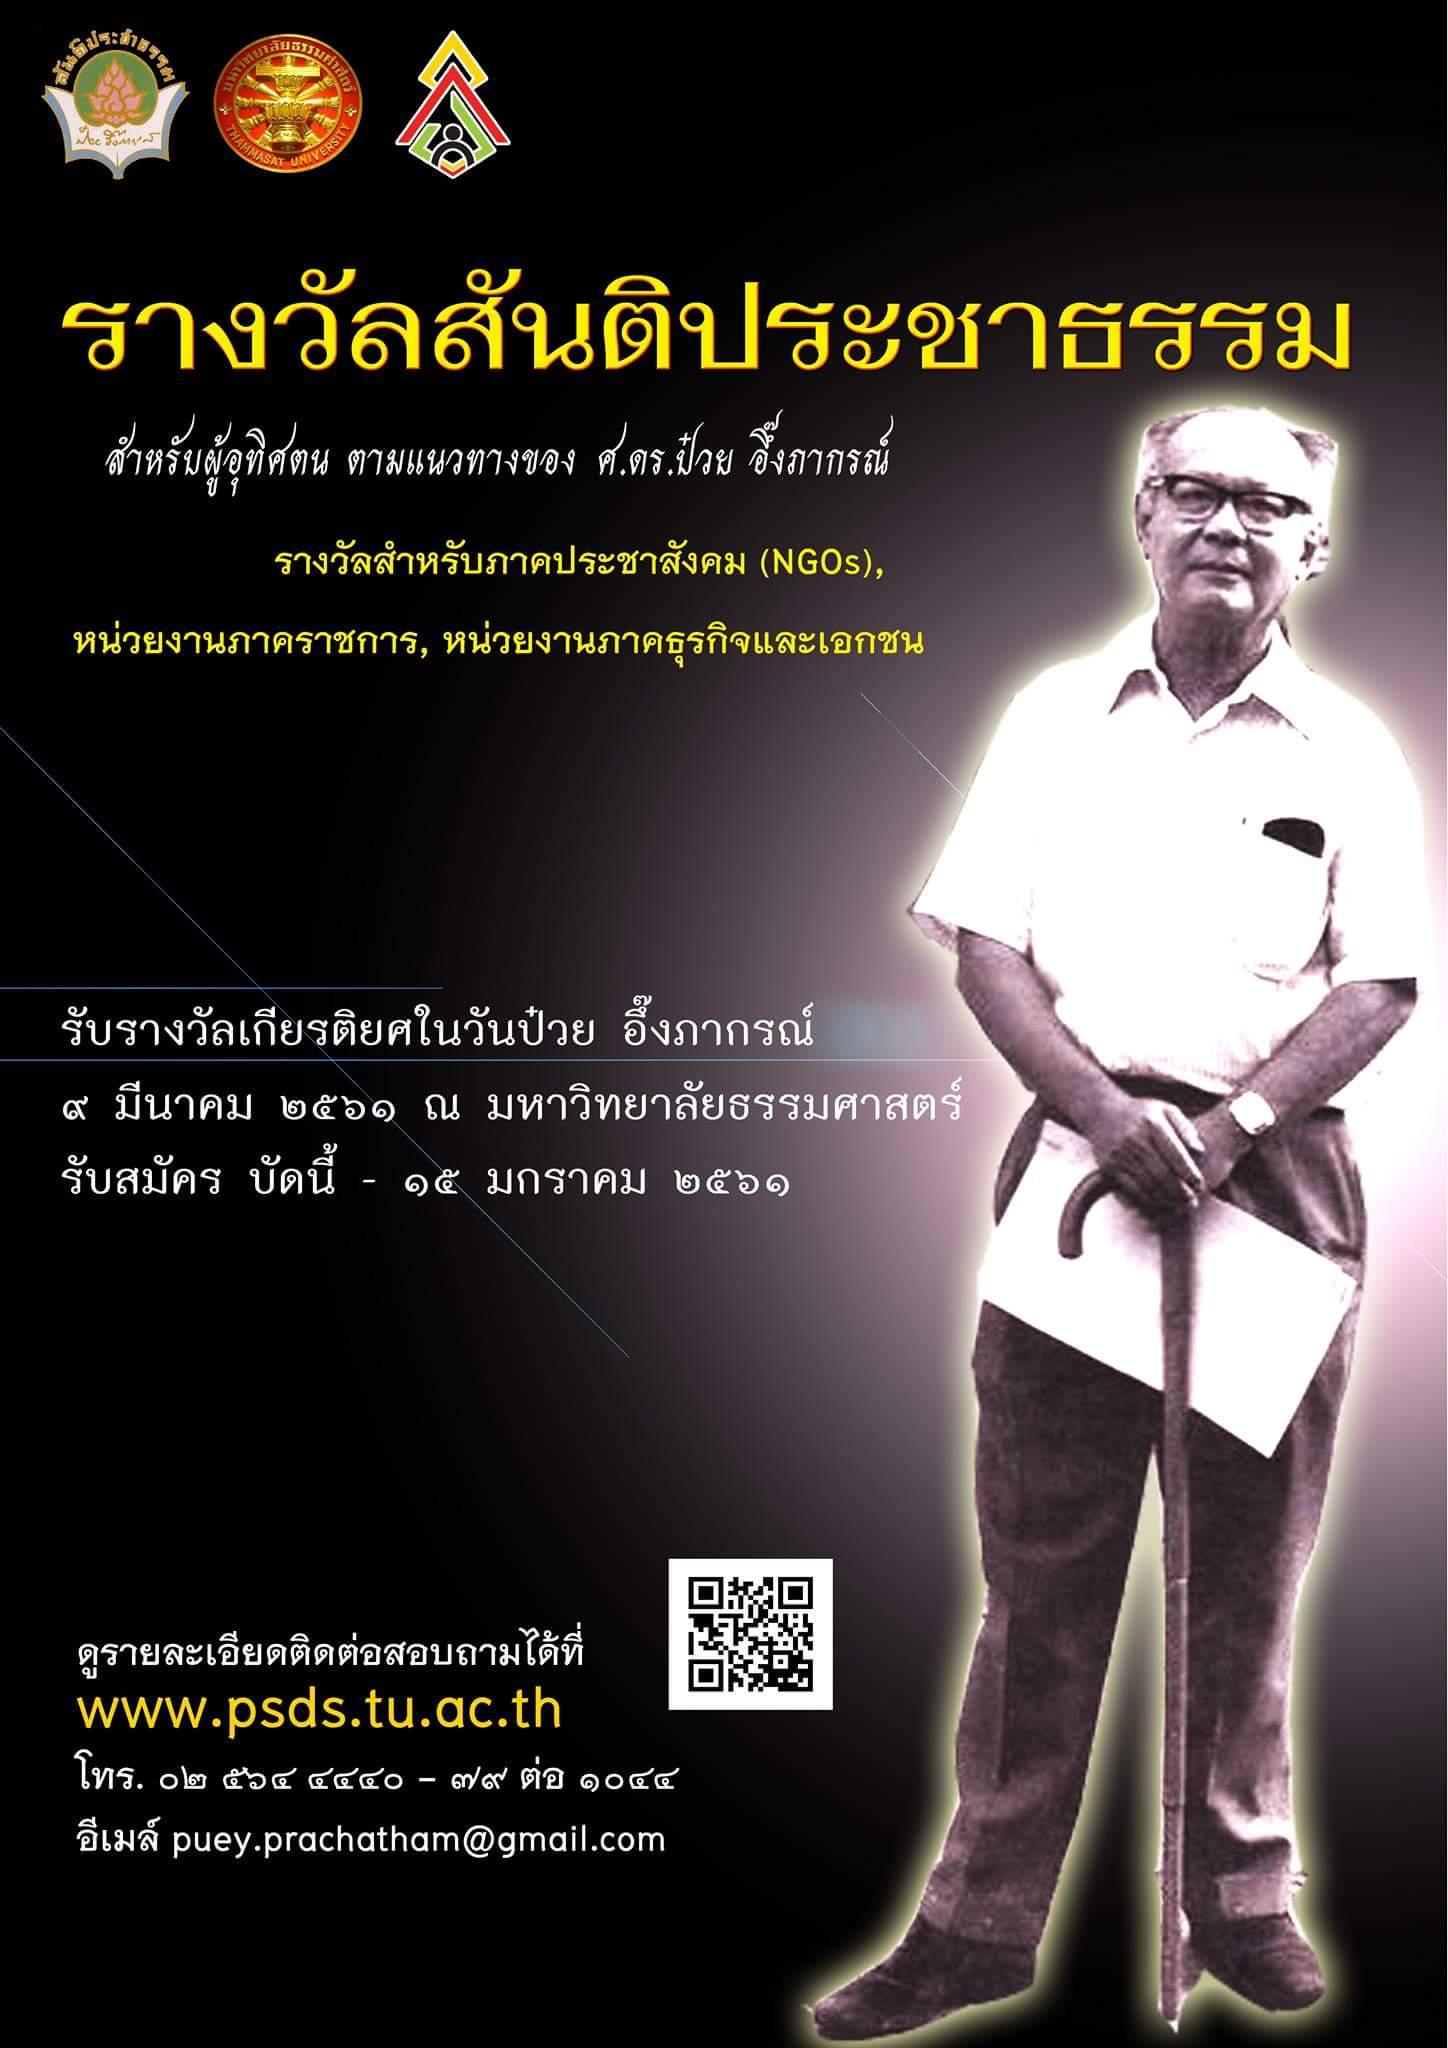 รางวัลสันติประชาธรรม รางวัลสำหรับภาคประชาสังคม